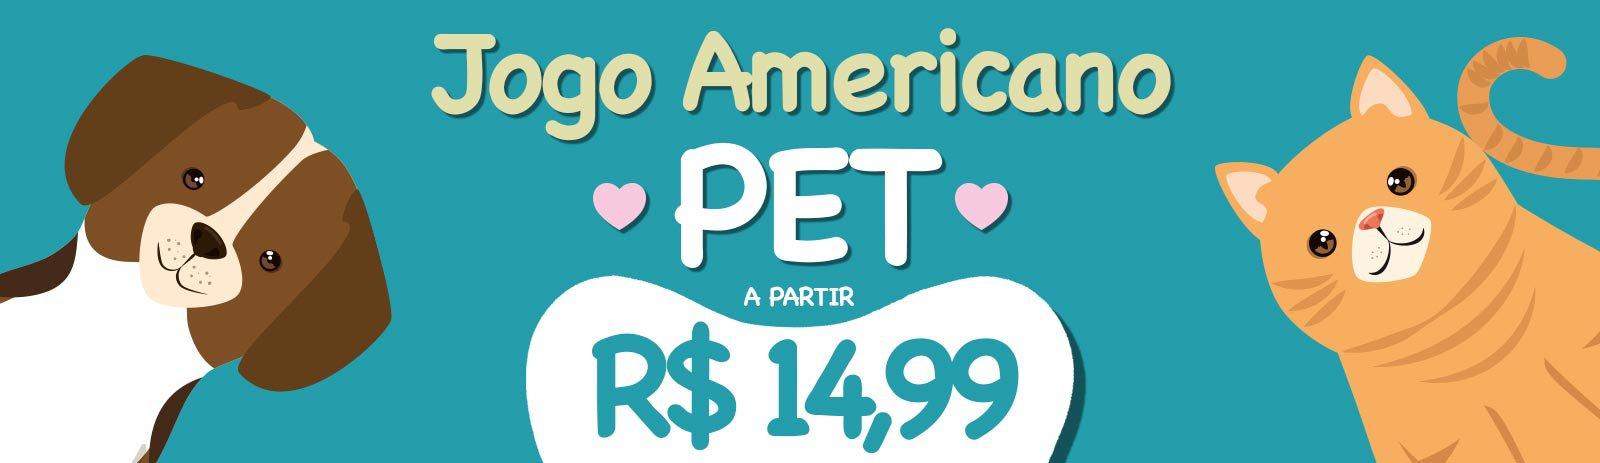 Banner Pet